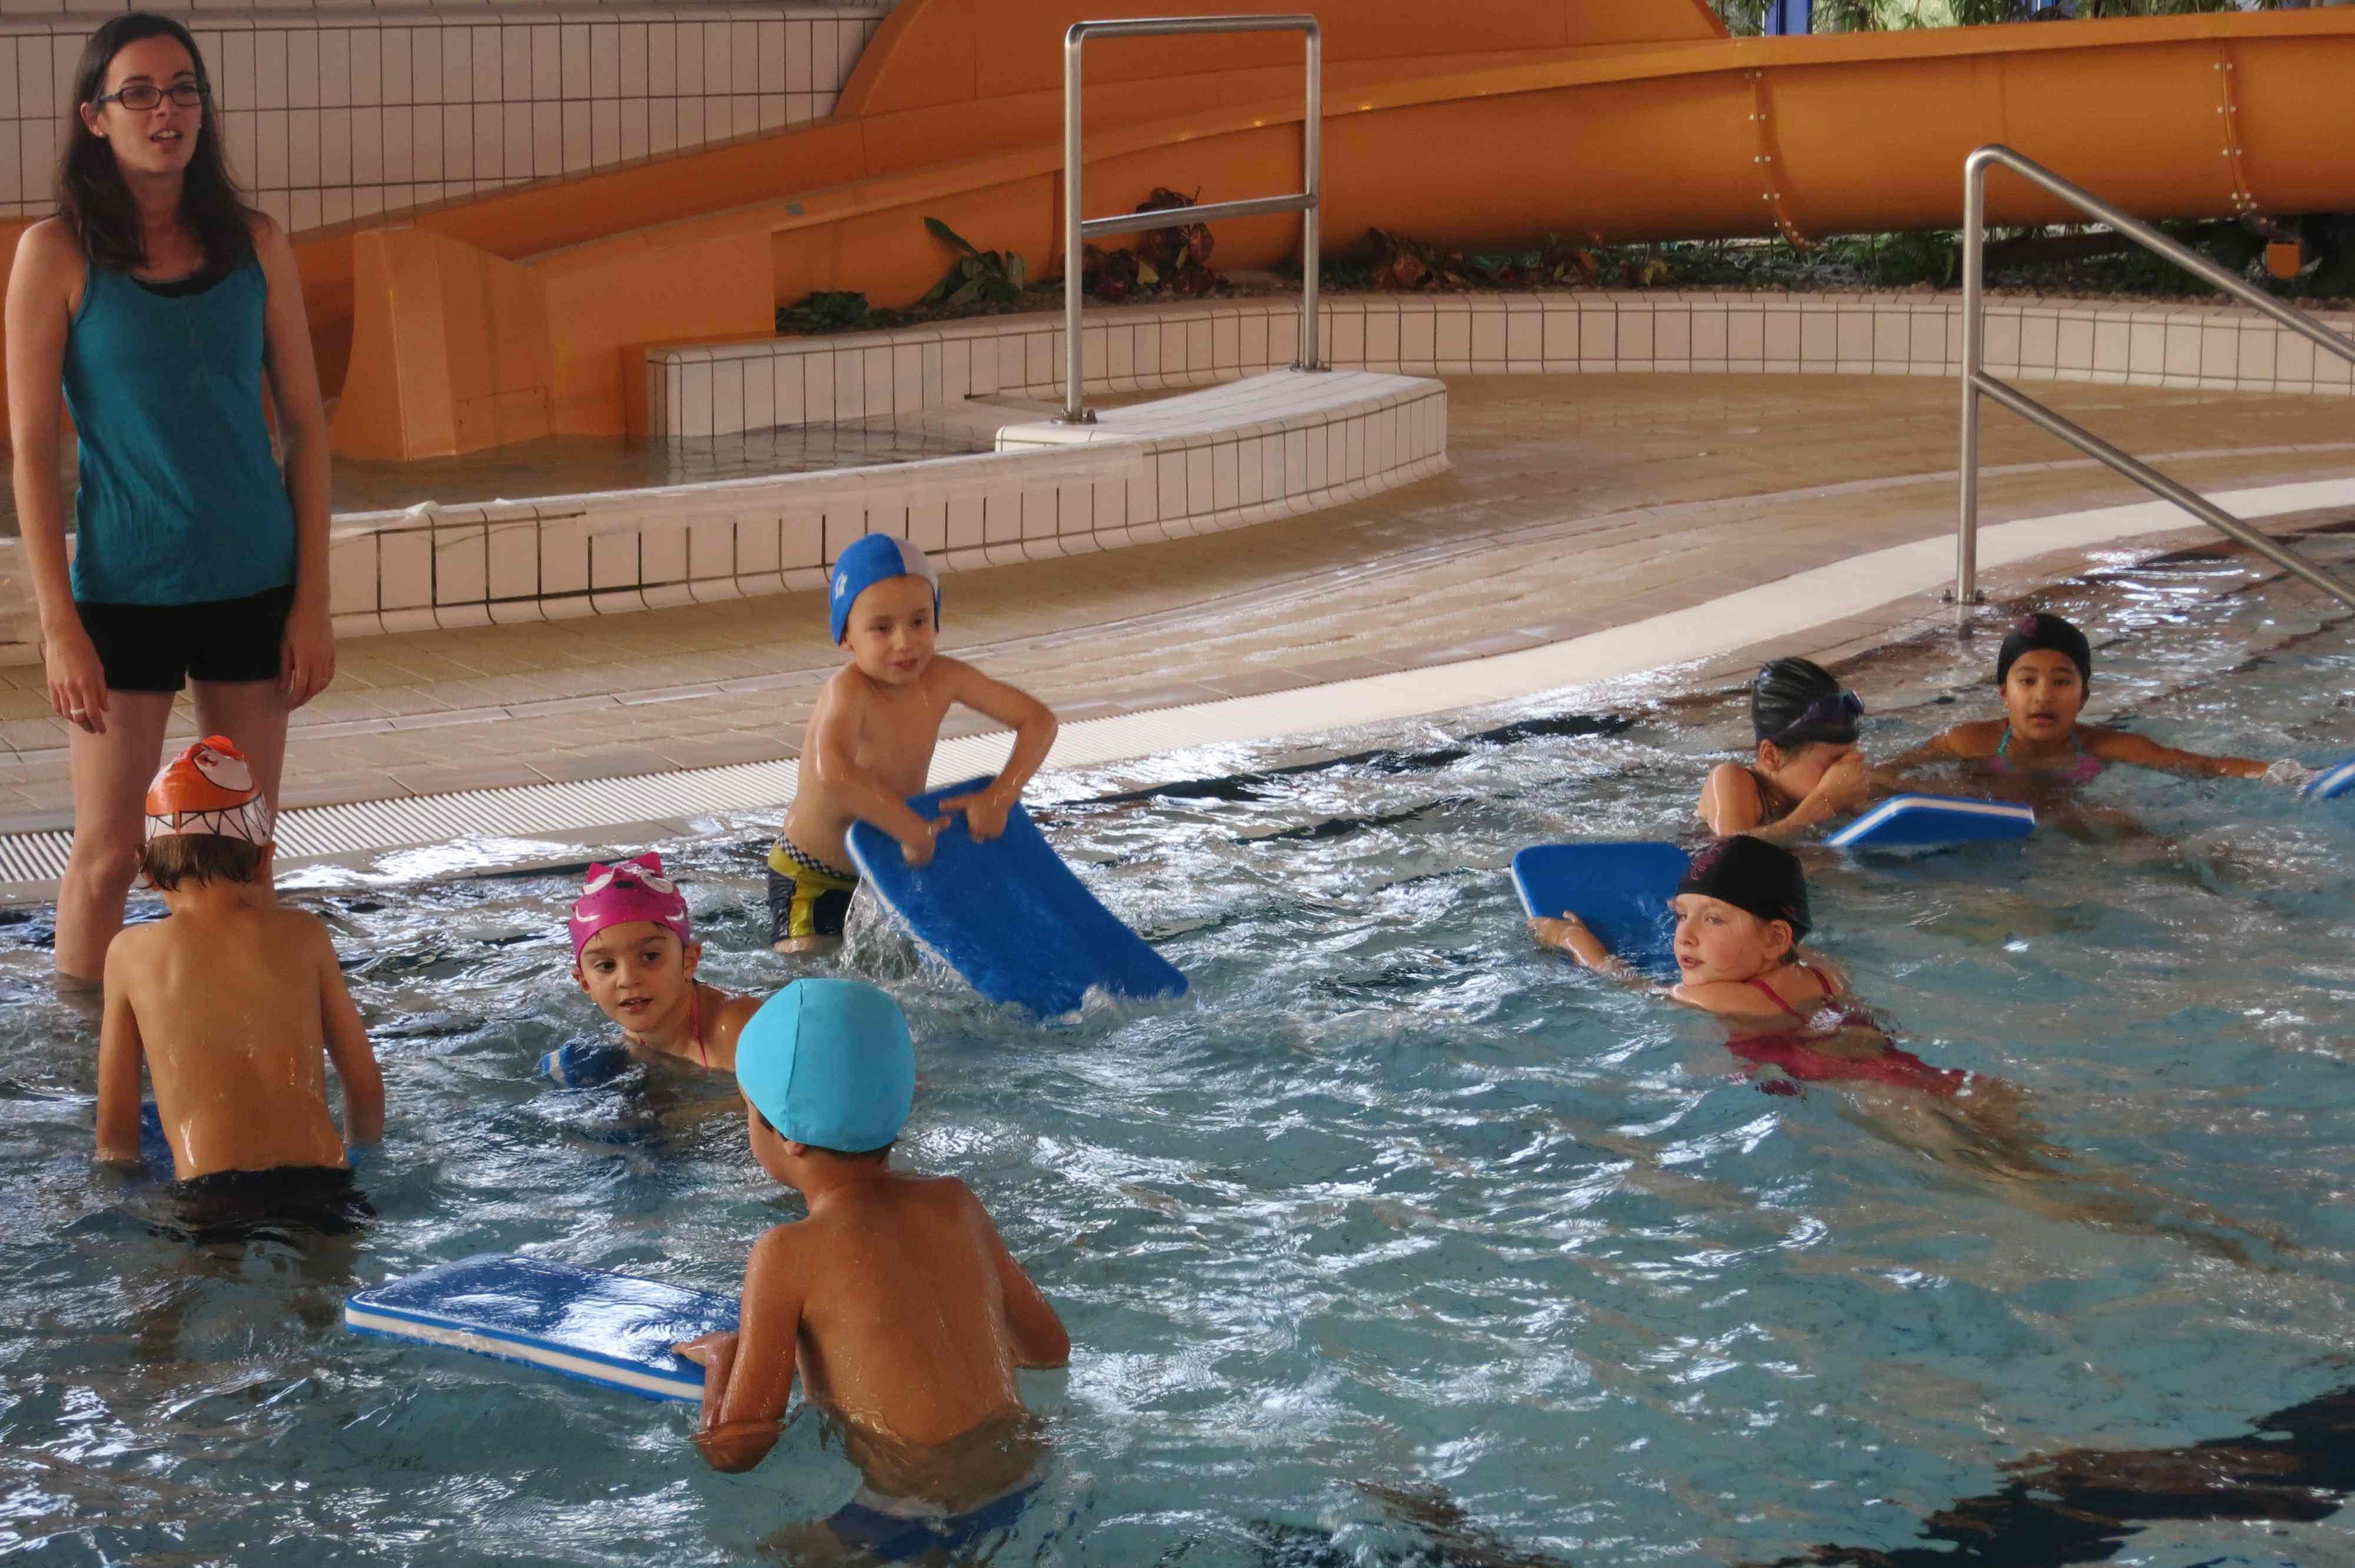 Cours de natation ecole de la chapelle r anville for Piscine cours de natation